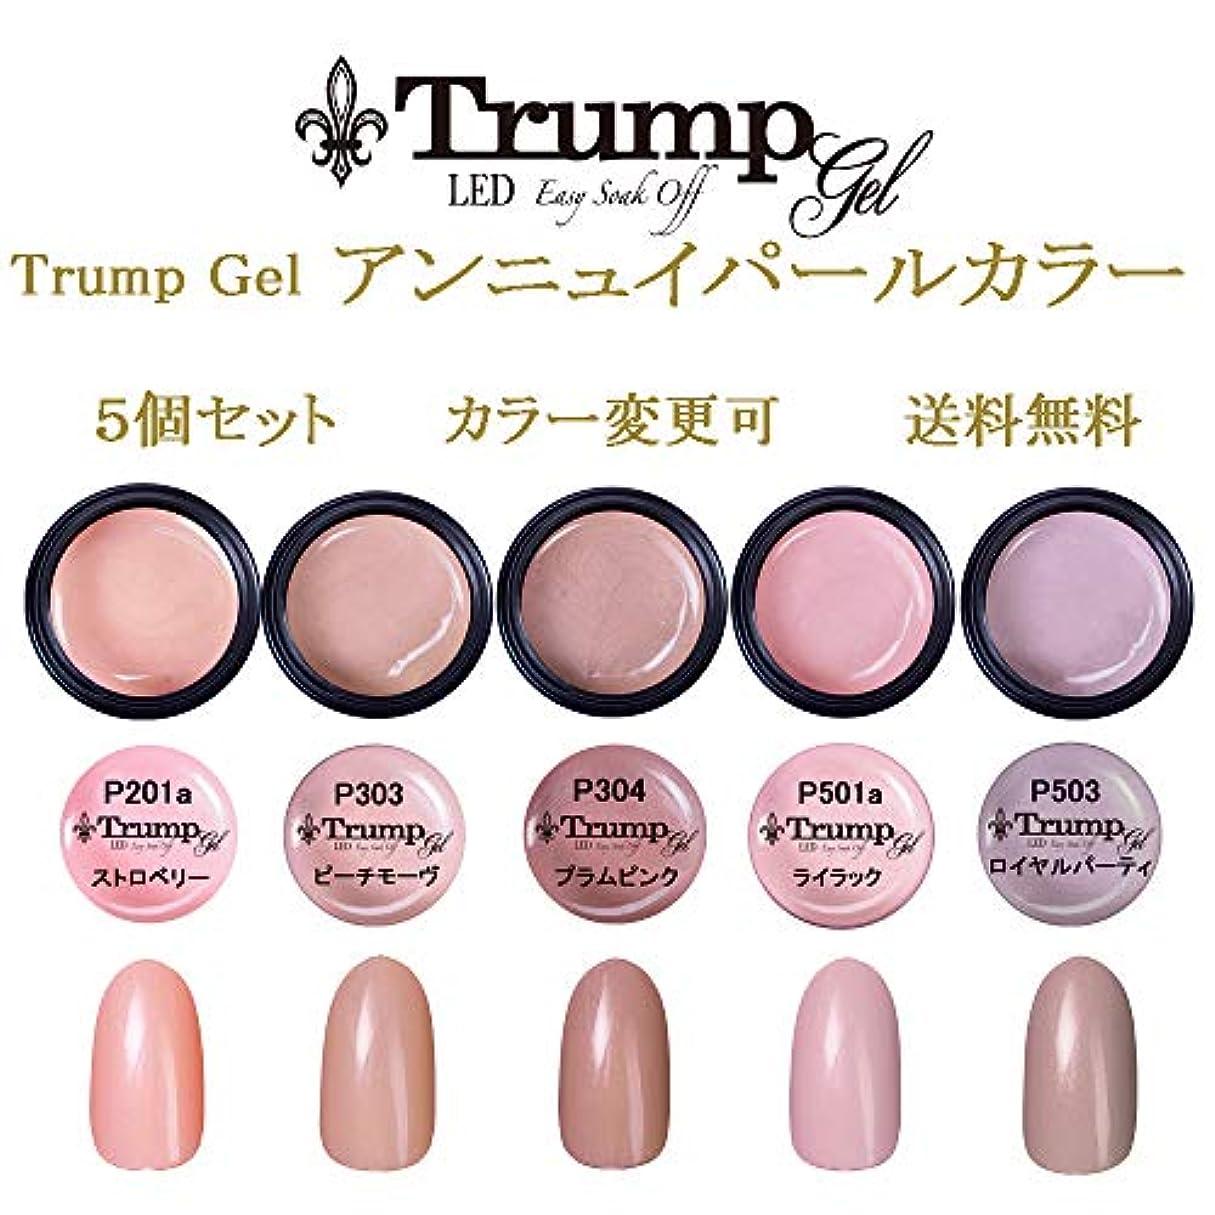 パーセントアブストラクト理論的日本製 Trump gel トランプジェル アンニュイ パール 選べる カラージェル 5個セット ピンク ベージュ パープル